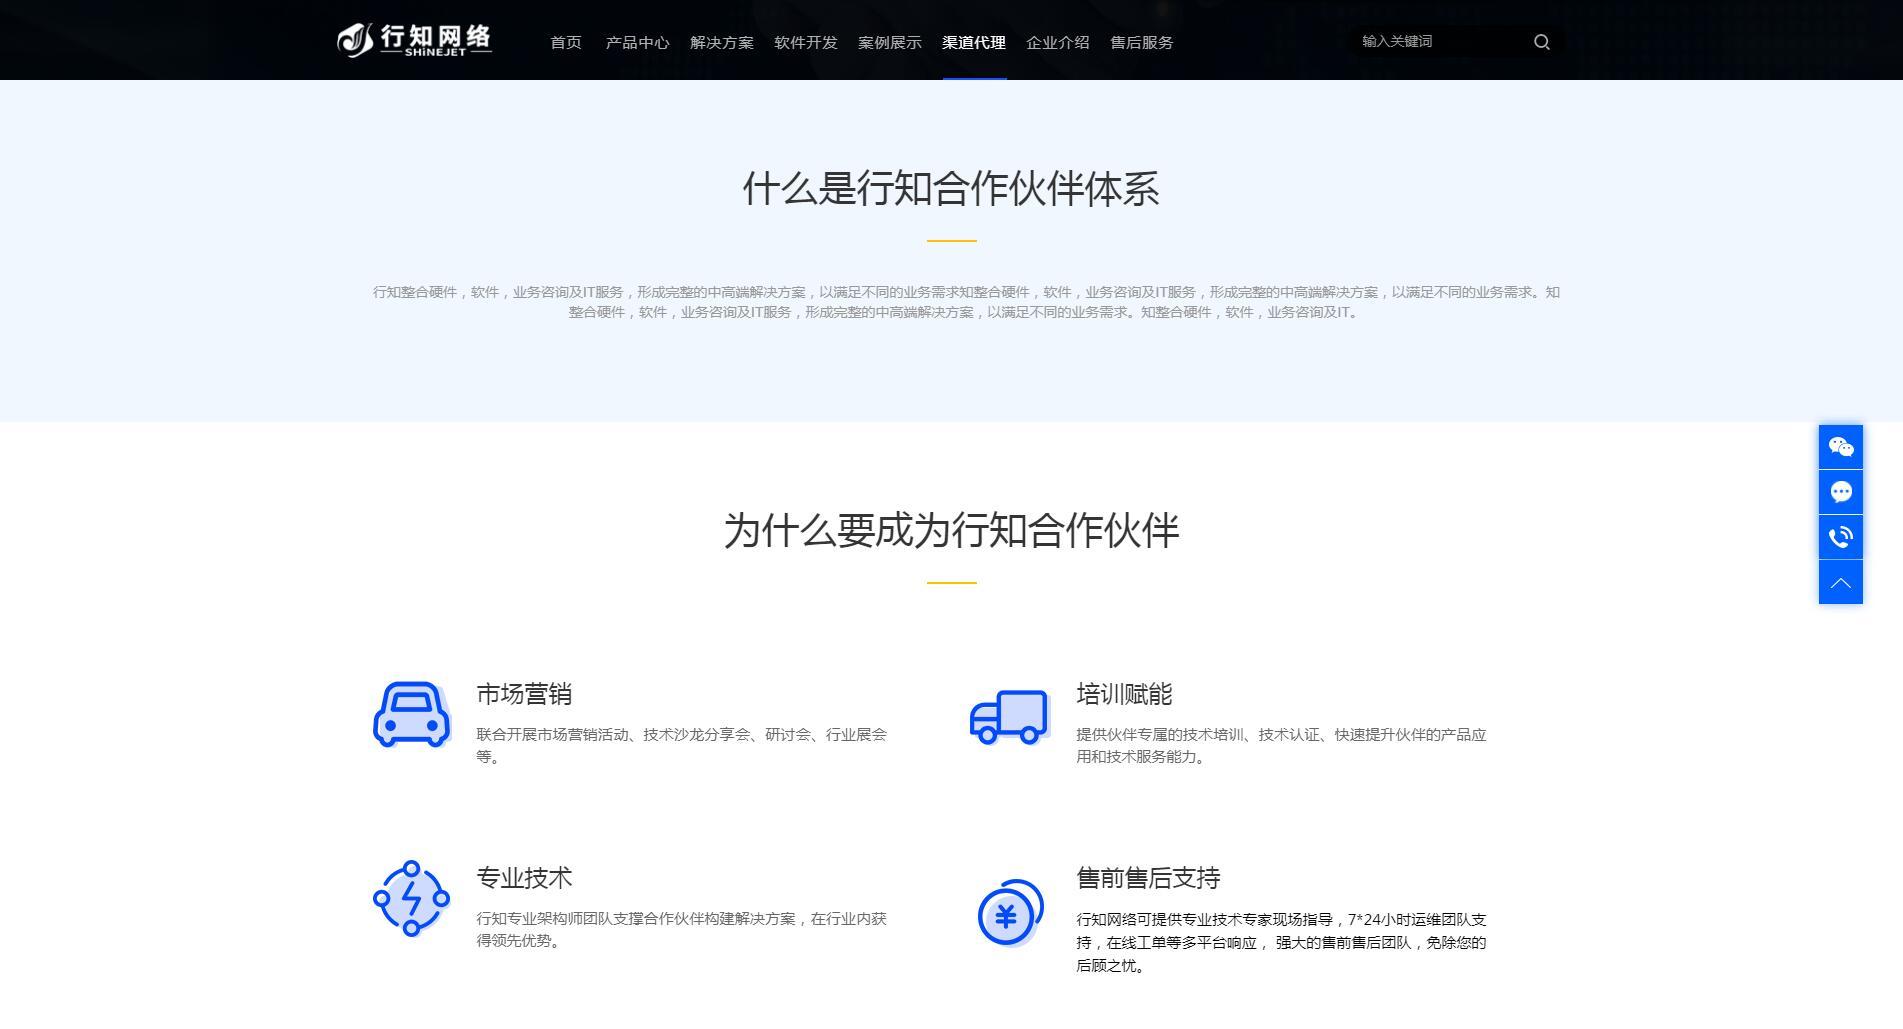 iBlackIT深色互联网软件服务企业网站定制